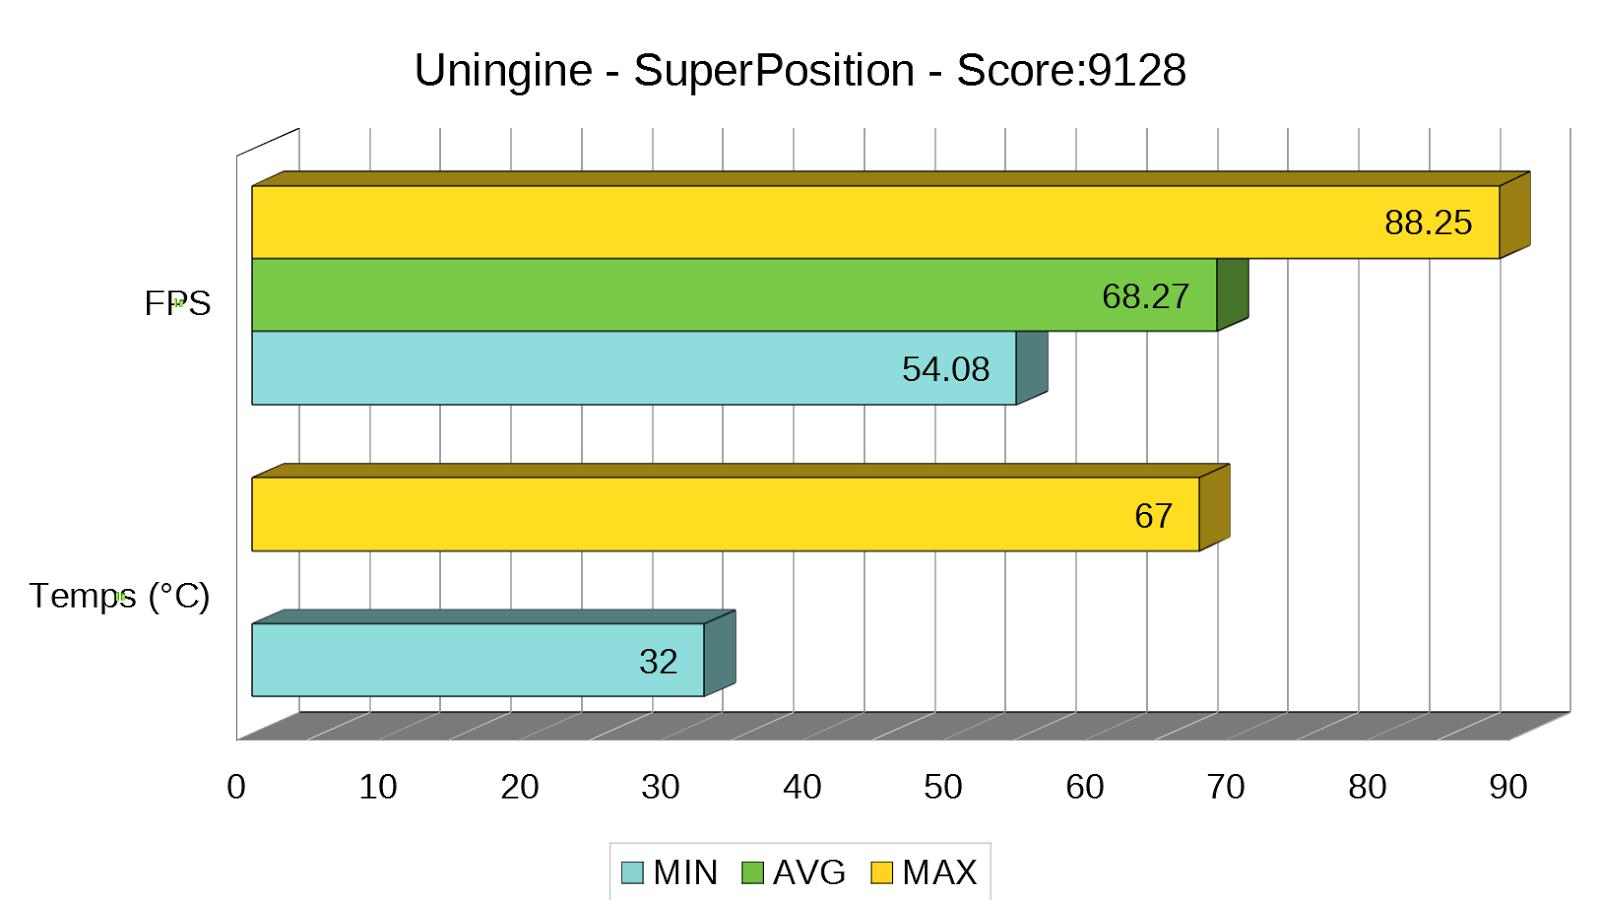 ASUS ROG Strix GeForce GTX 1080TI Unboxing & Benchmarking (part 2